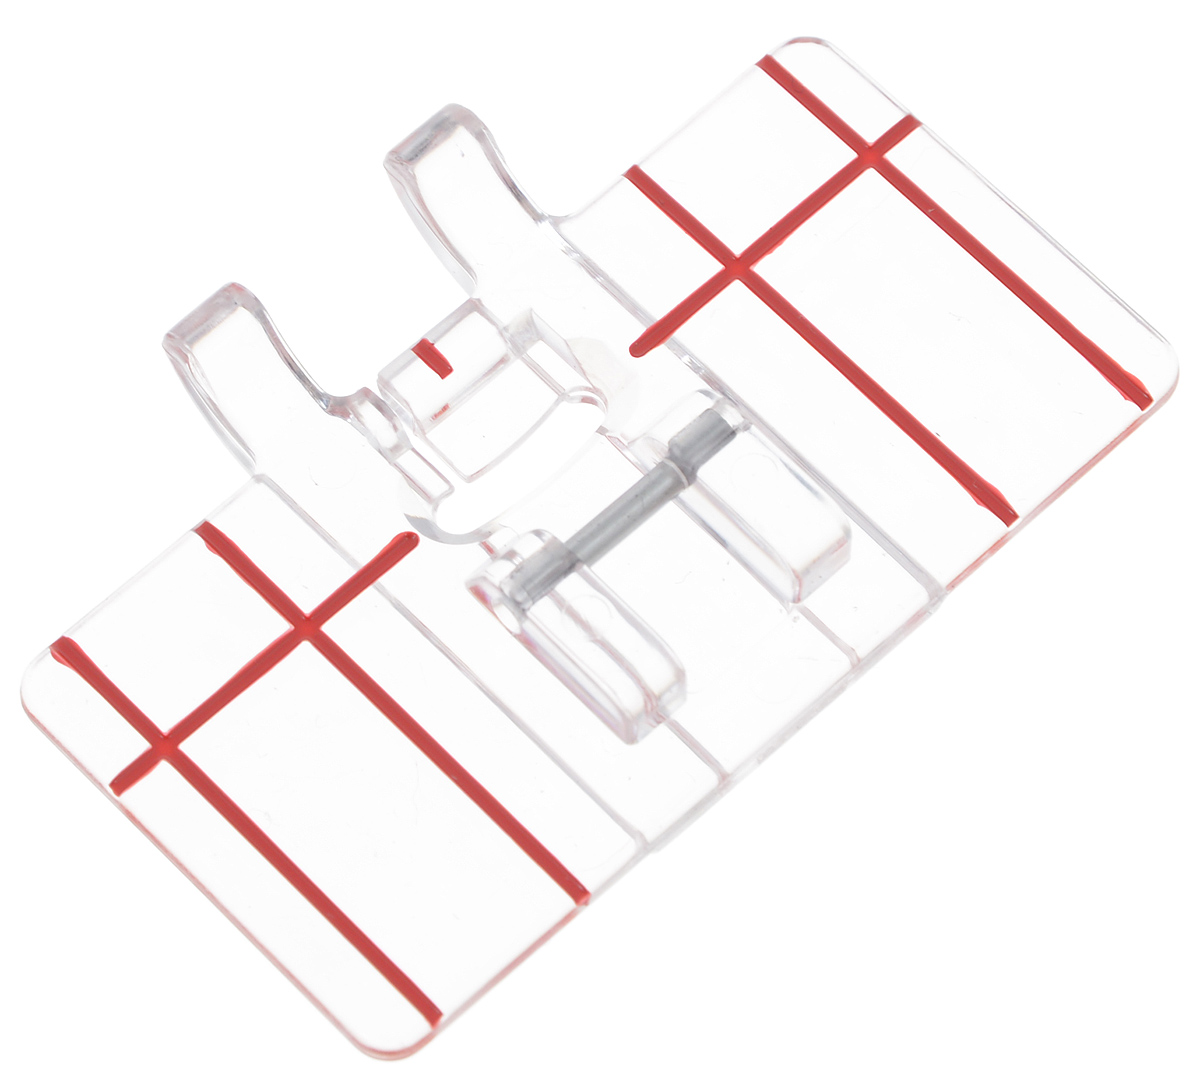 Лапка для швейной машины Aurora, с разметкой, для параллельных швов570628Лапка для швейной машины Aurora используется для прокладывания параллельных декоративных строчек. Подходит для большинства современных бытовых швейных машин. Инструкция по использованию прилагается.